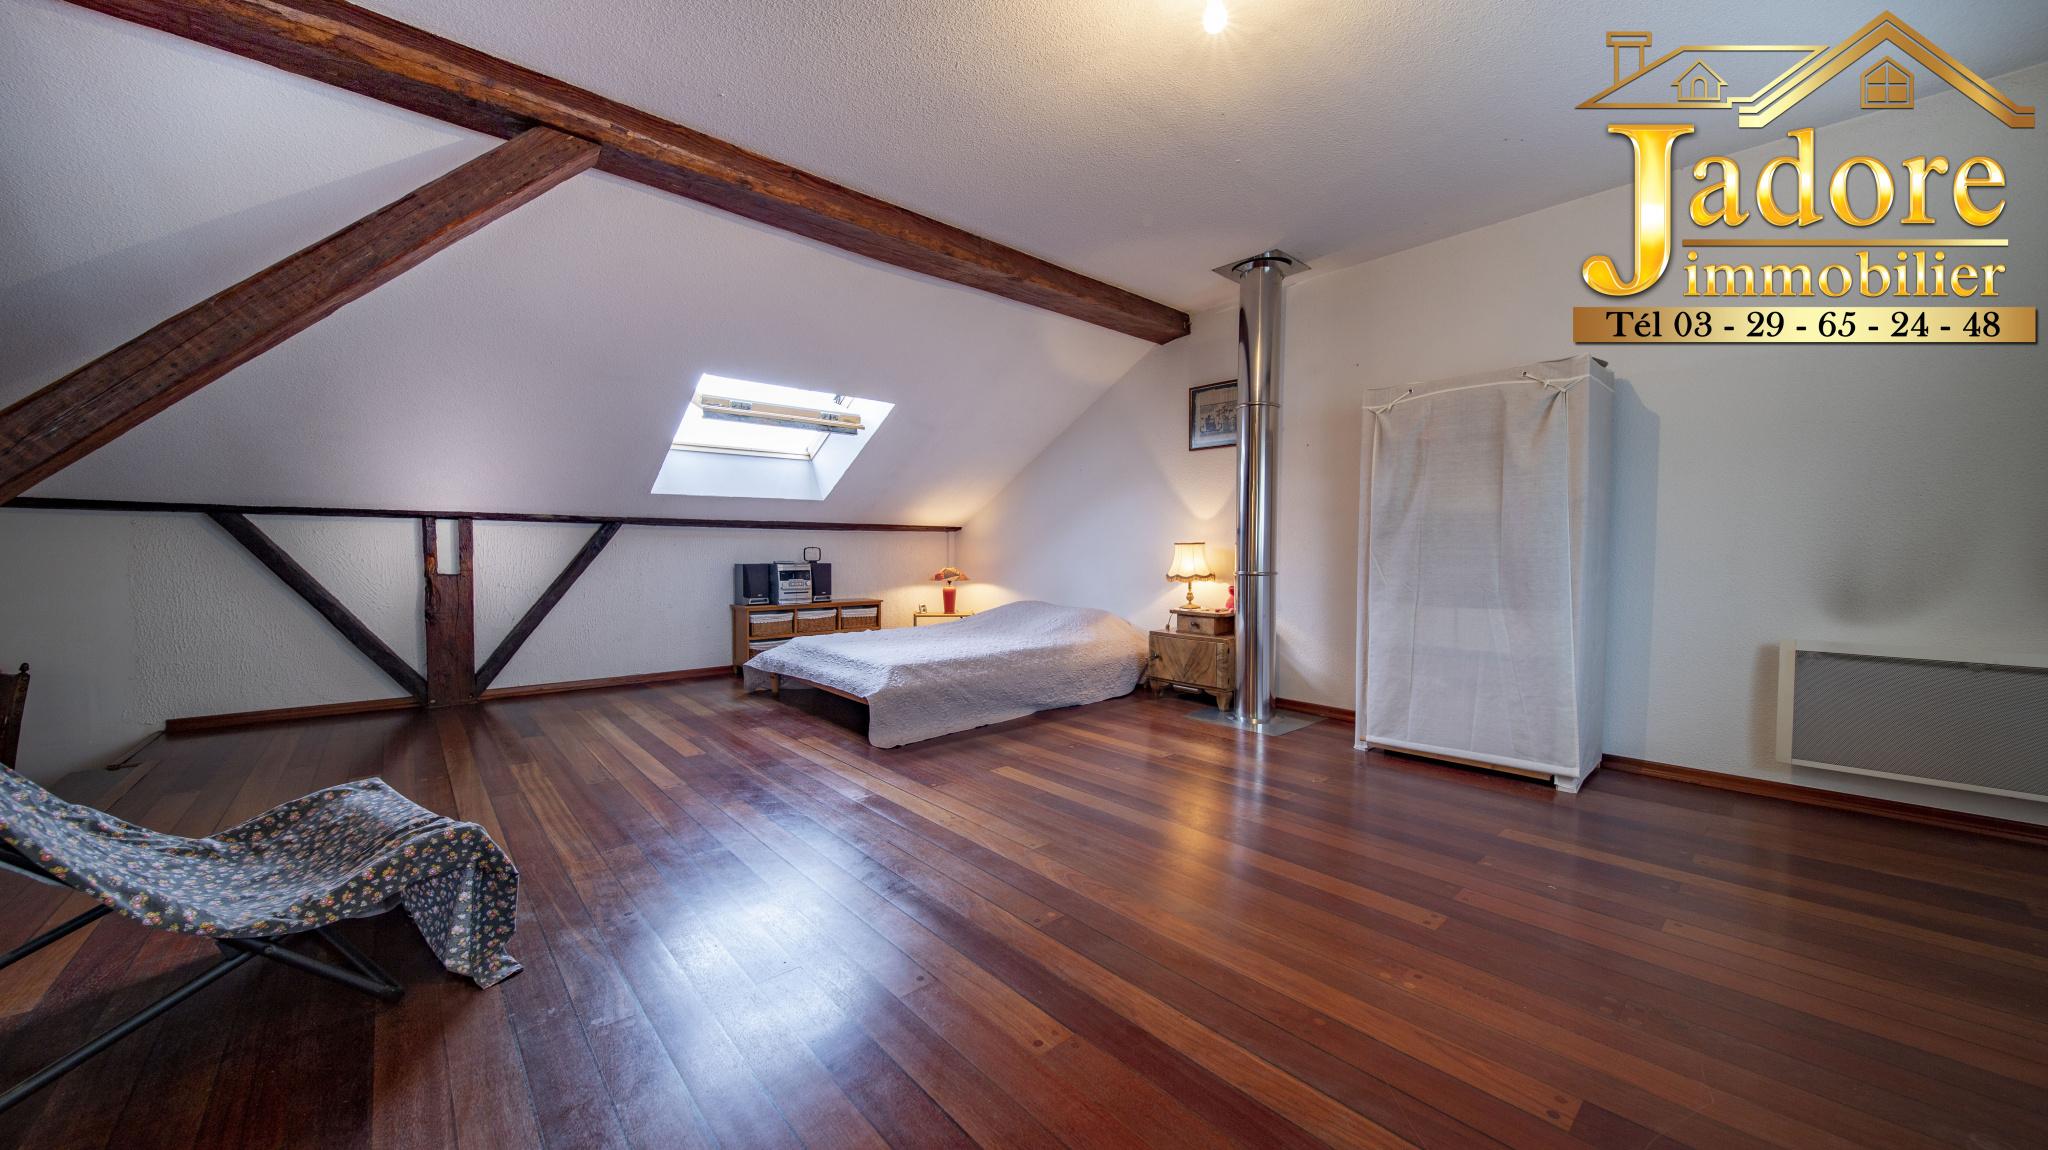 loft/atelier/surface à vendre remiremont